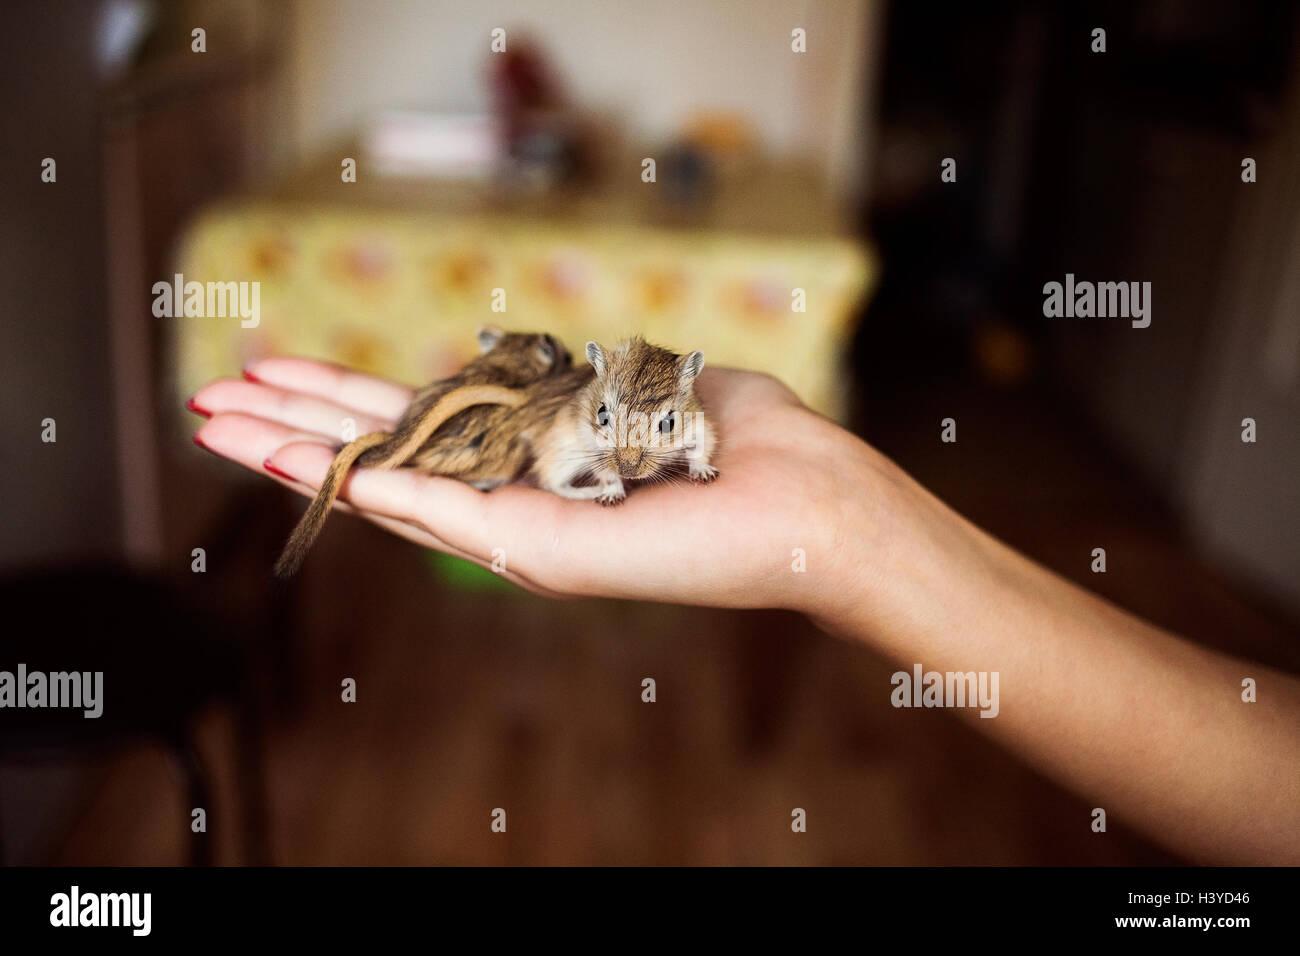 Niedliche Haustier Rennmaus in Menschenhand Stockbild